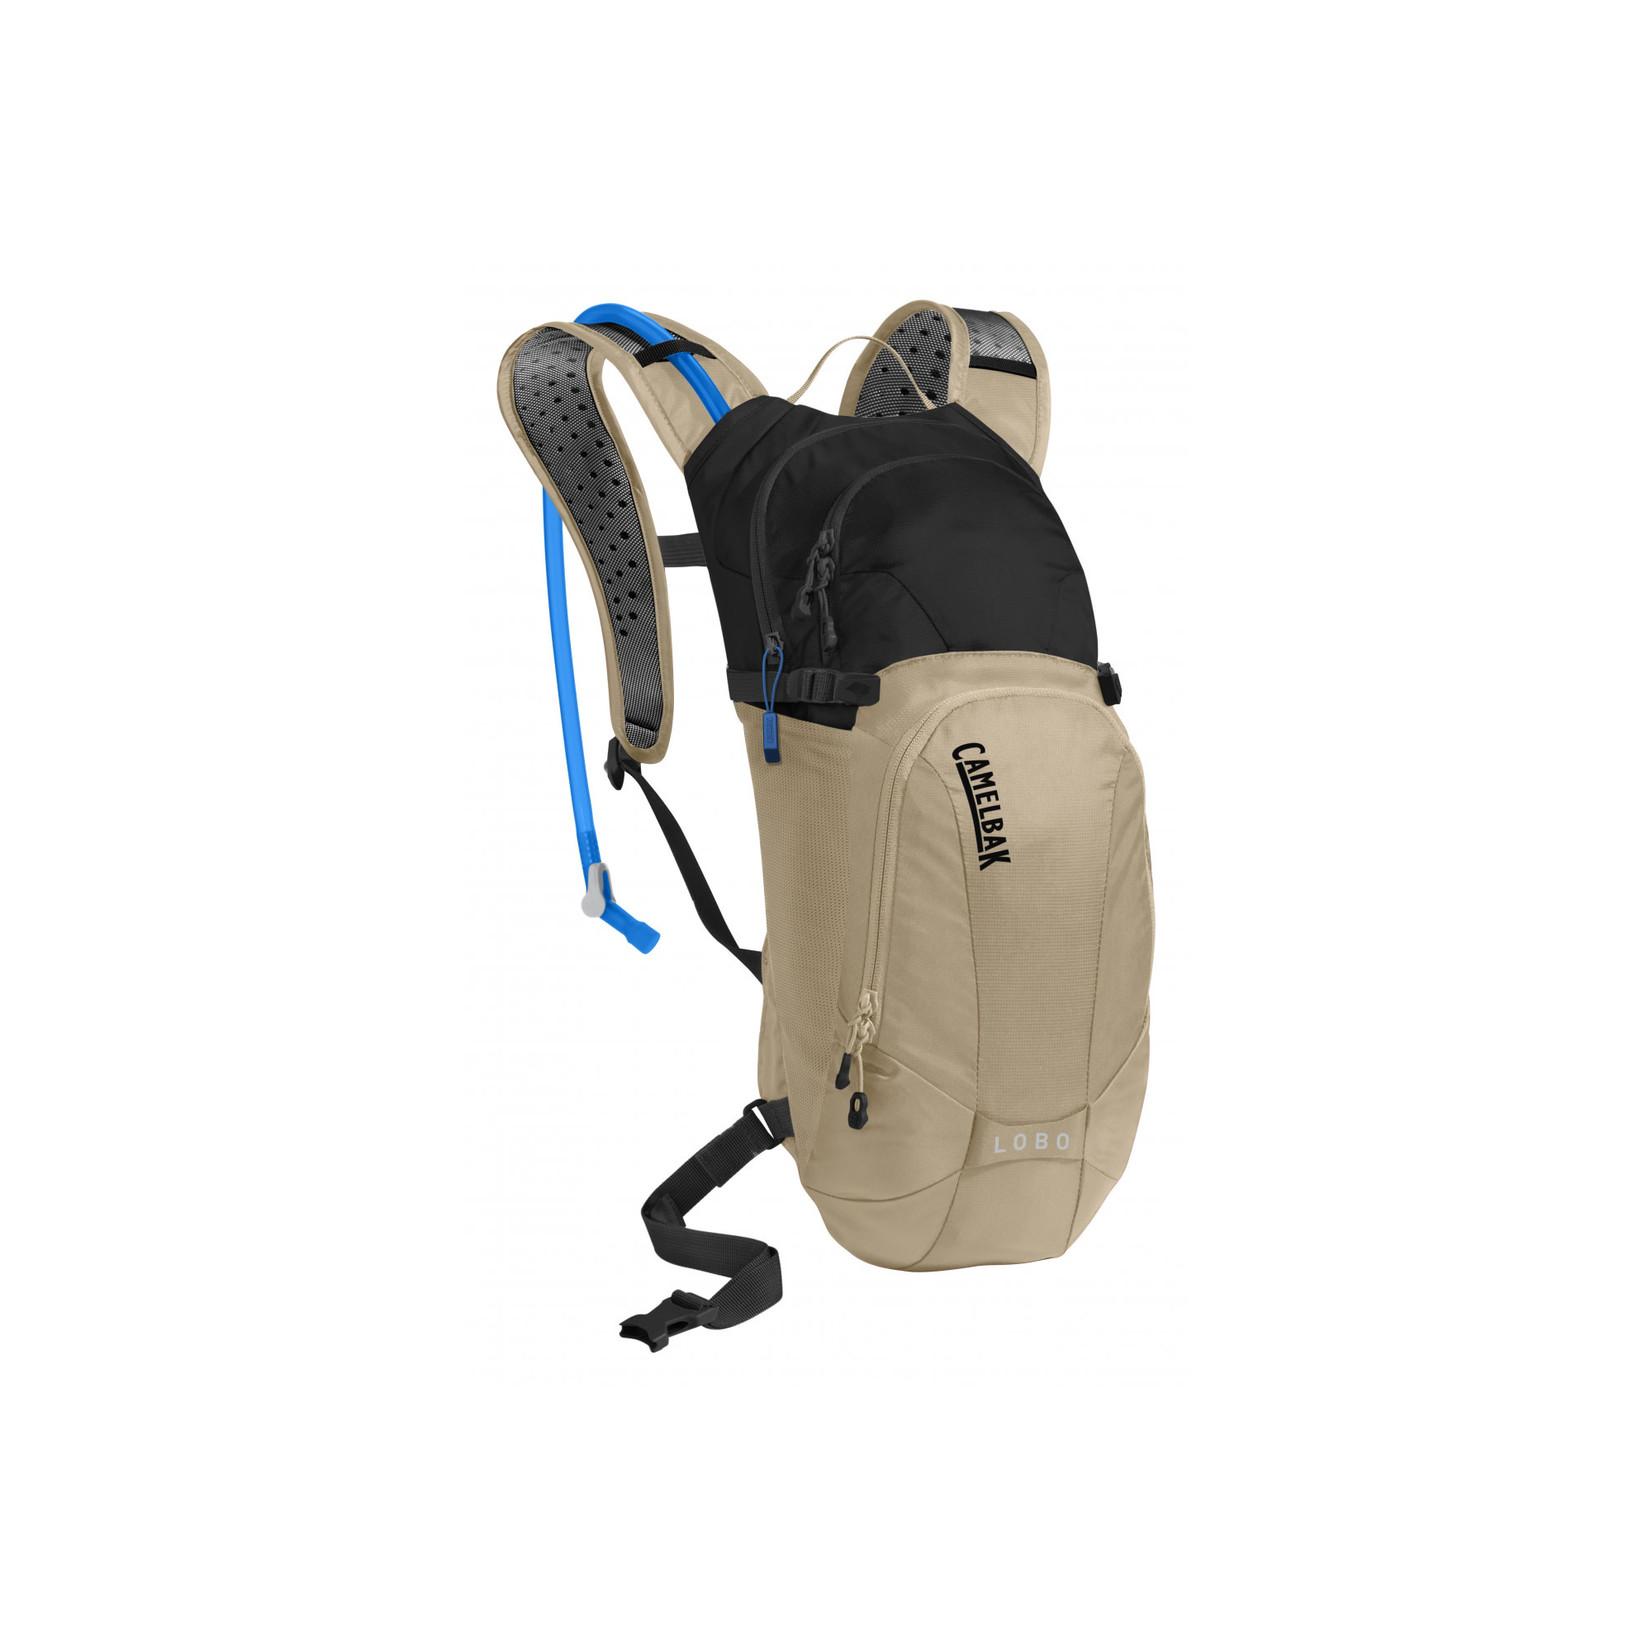 Camelbak Backpack LOBO w/Reservoir 3L Kelp Black